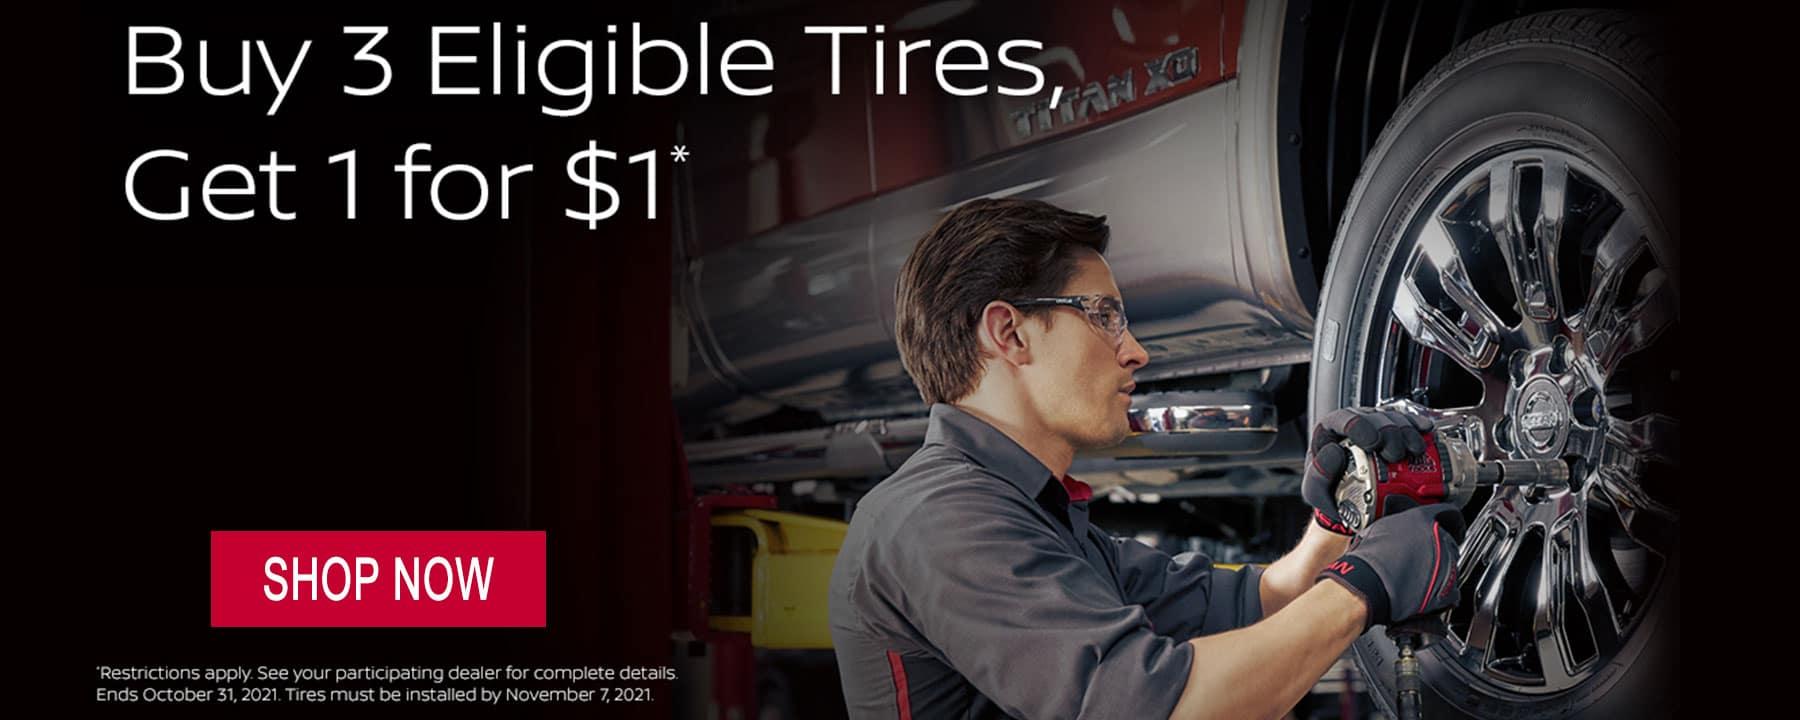 Homepage-Buy-3-Nissan-11-7-21